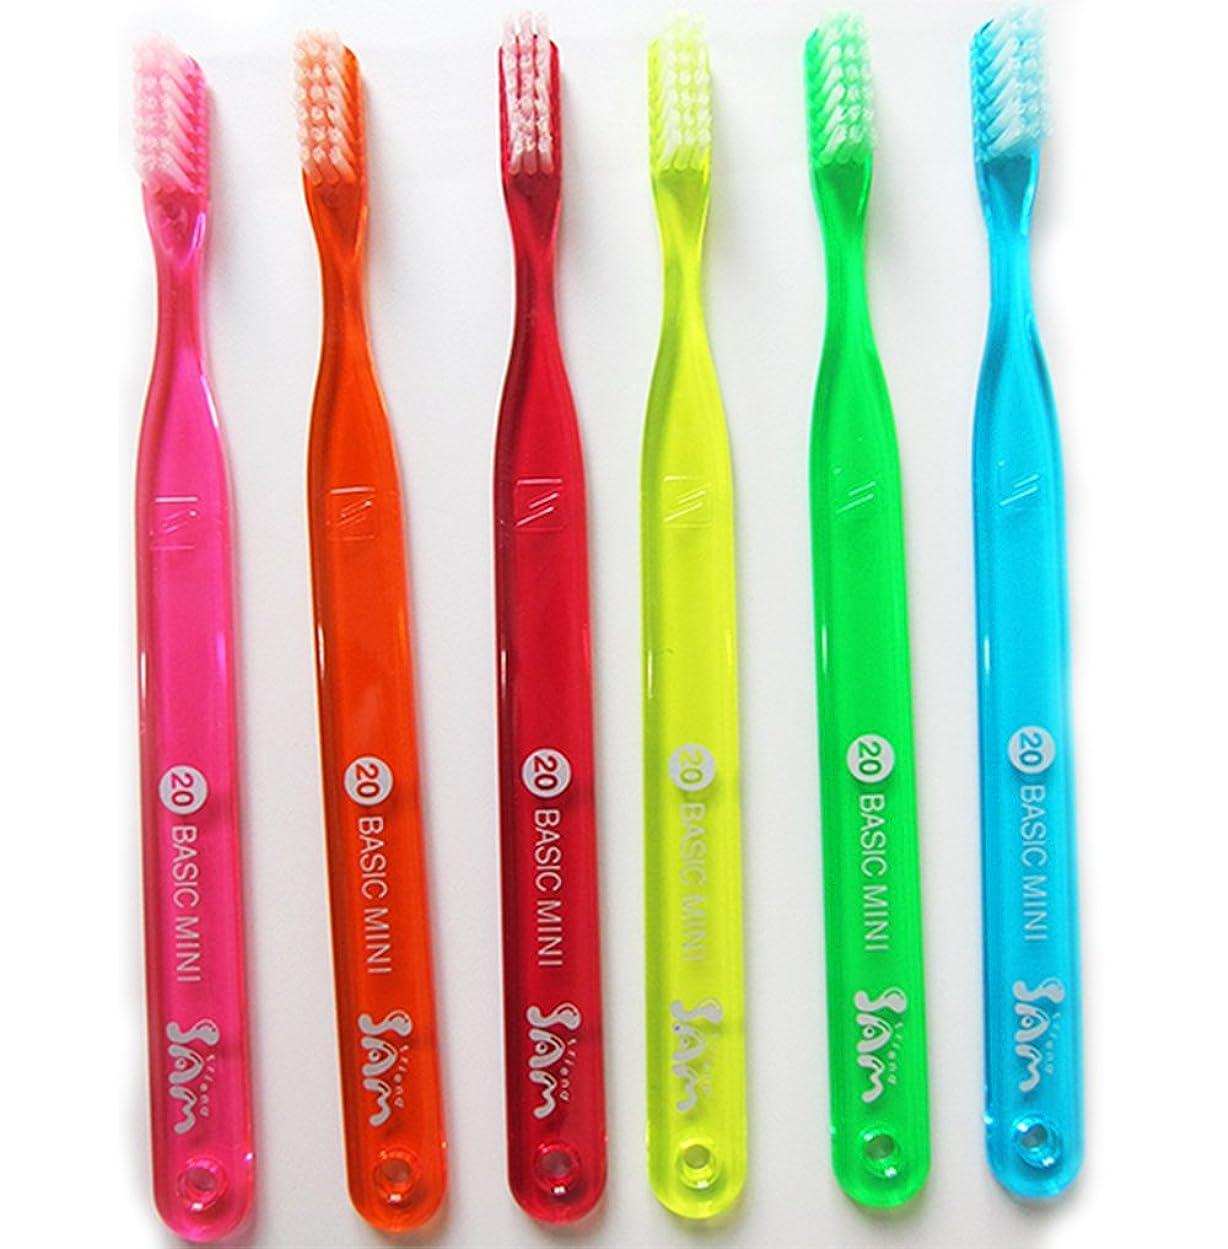 想定テスピアンレトルトサムフレンド 【歯ブラシ】【サムフレンド 20】【6本】サムフレンド歯ブラシ20 BASIC MEDIUM Mini 6色セット【歯科